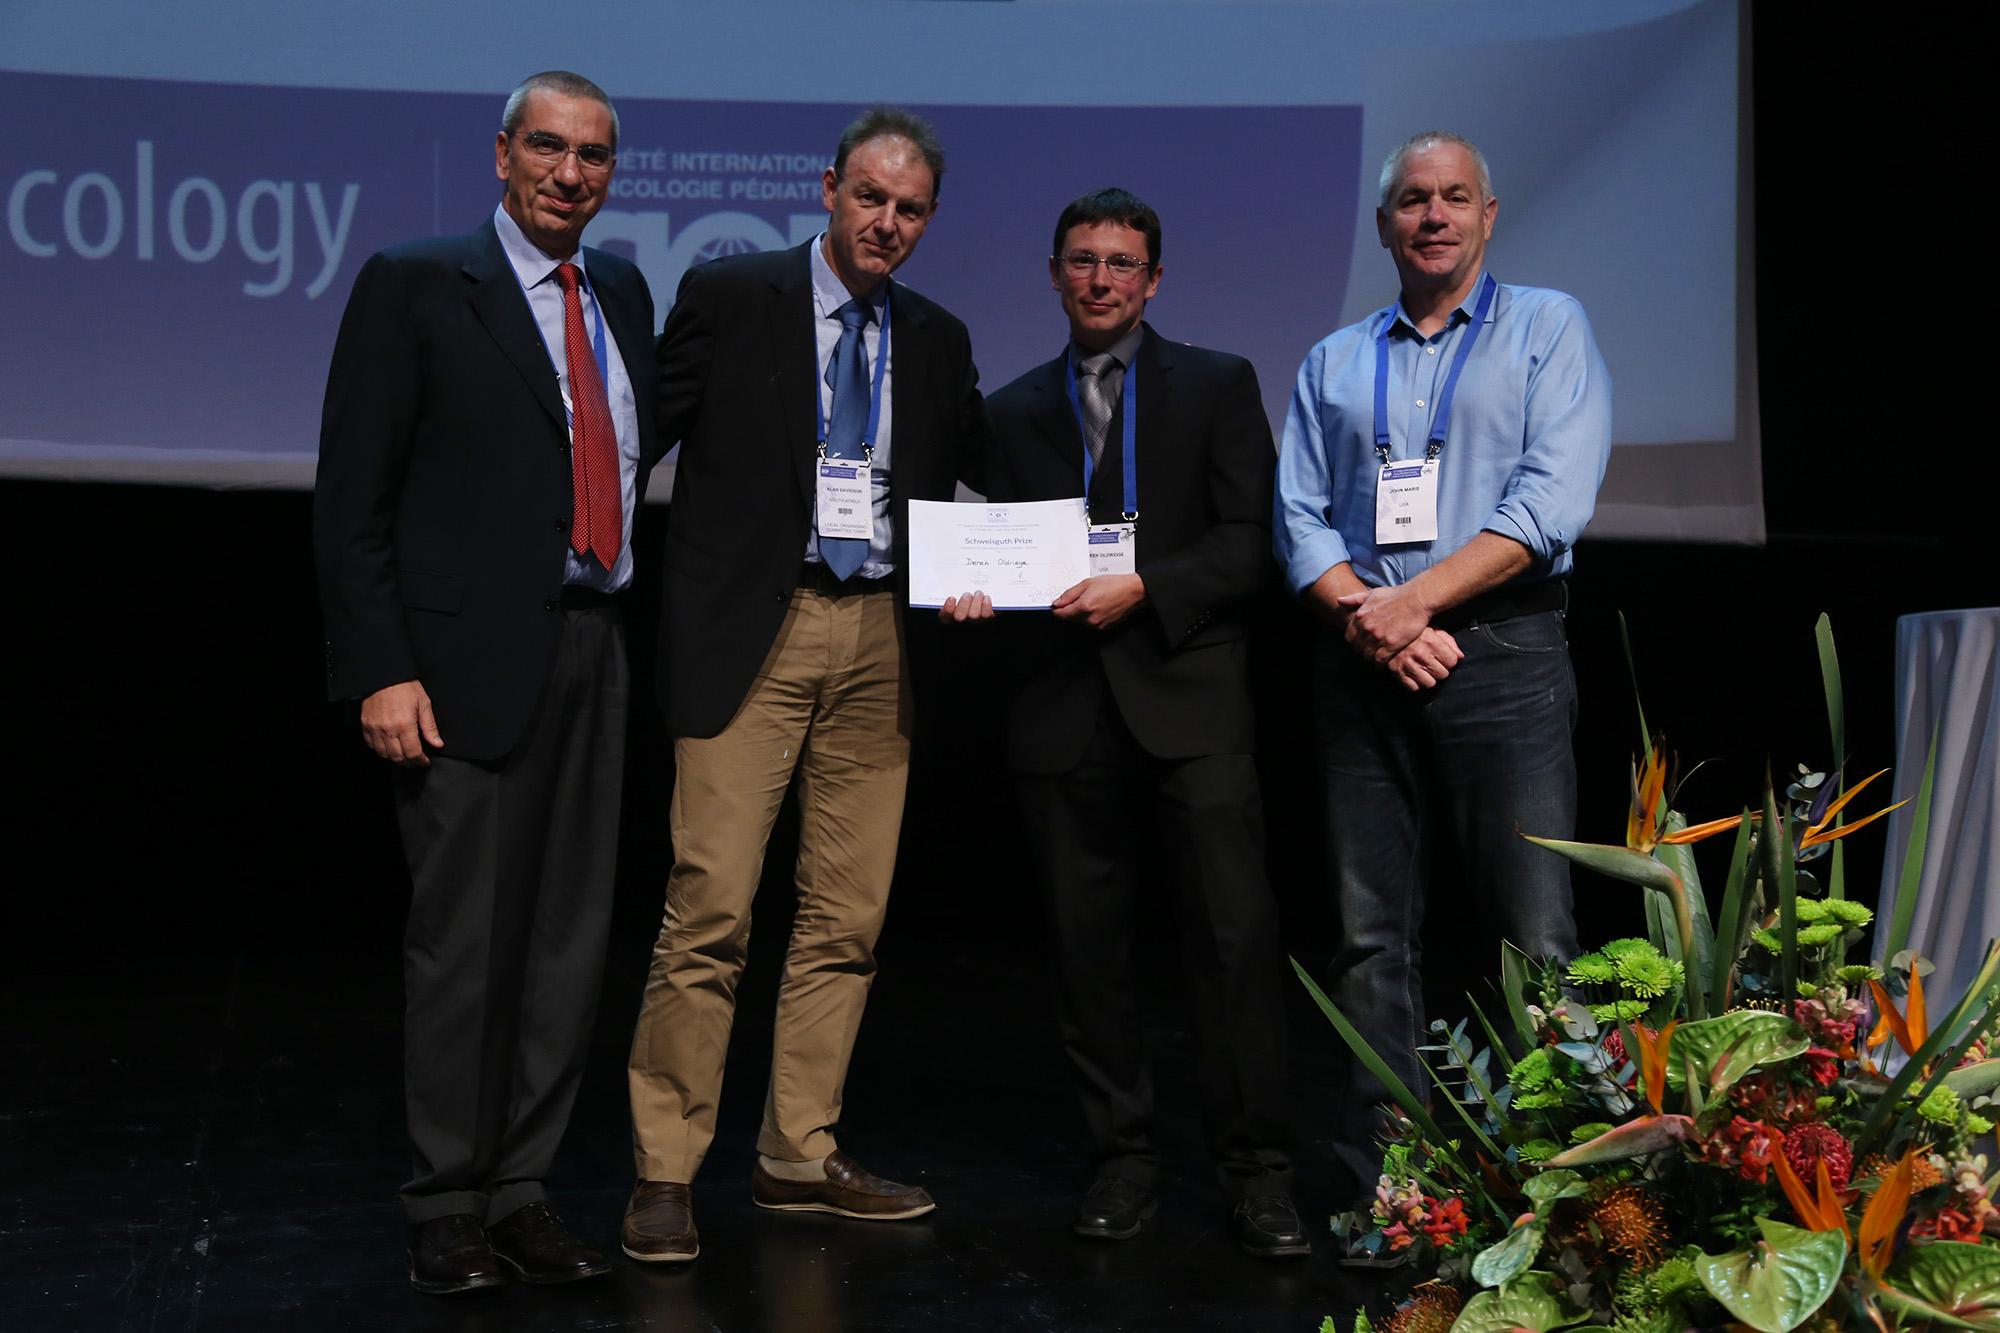 SIOP 2015 Schweisguth Winner Derek Oldridge (third from left)